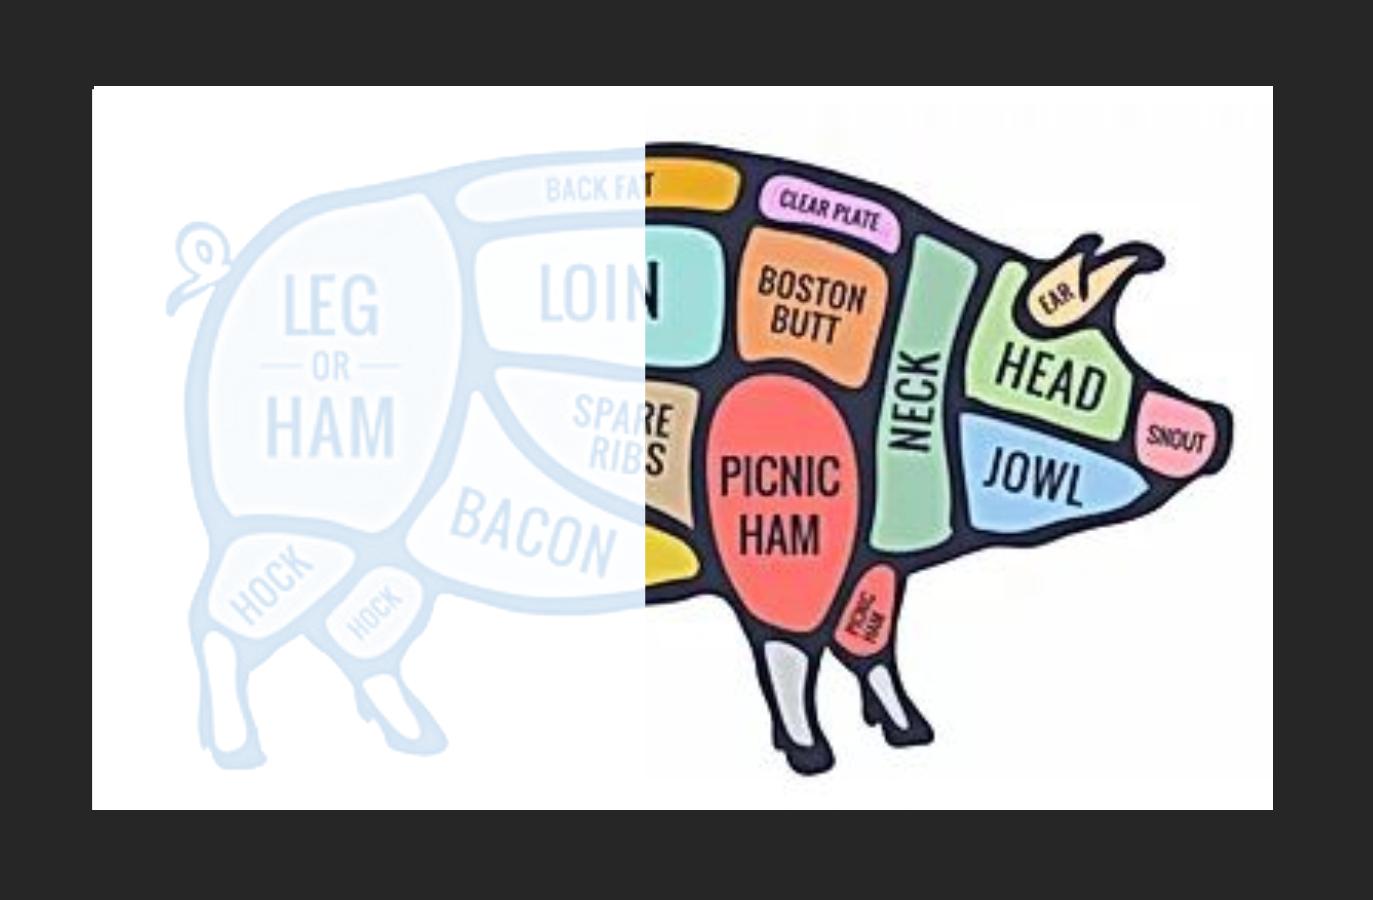 MAR 15-- Half Pig (Pork) Deposit